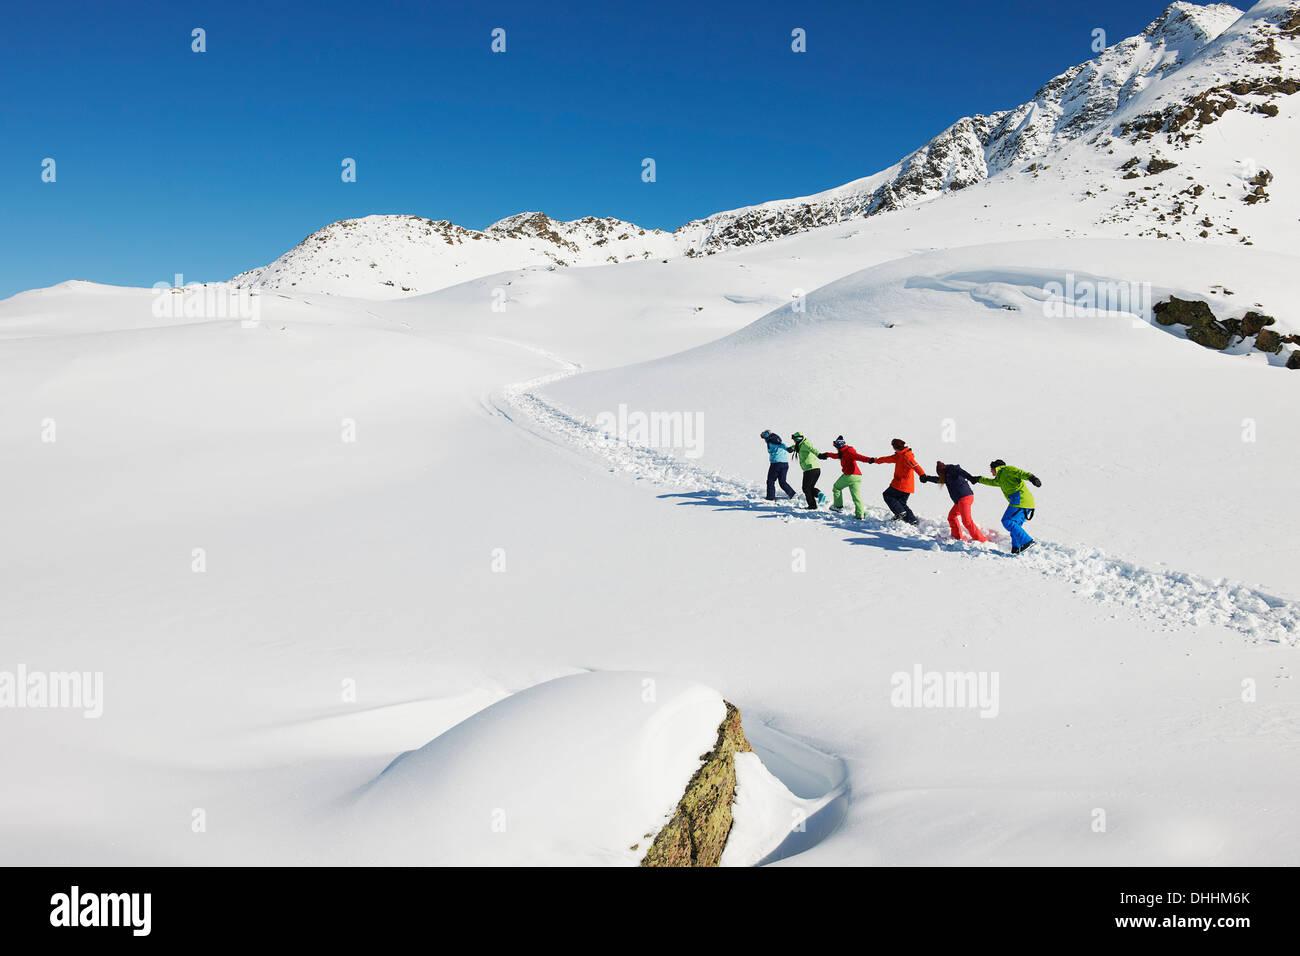 Les amis d'autres tirant chaque montée dans la neige, Kuhtai, Autriche Photo Stock